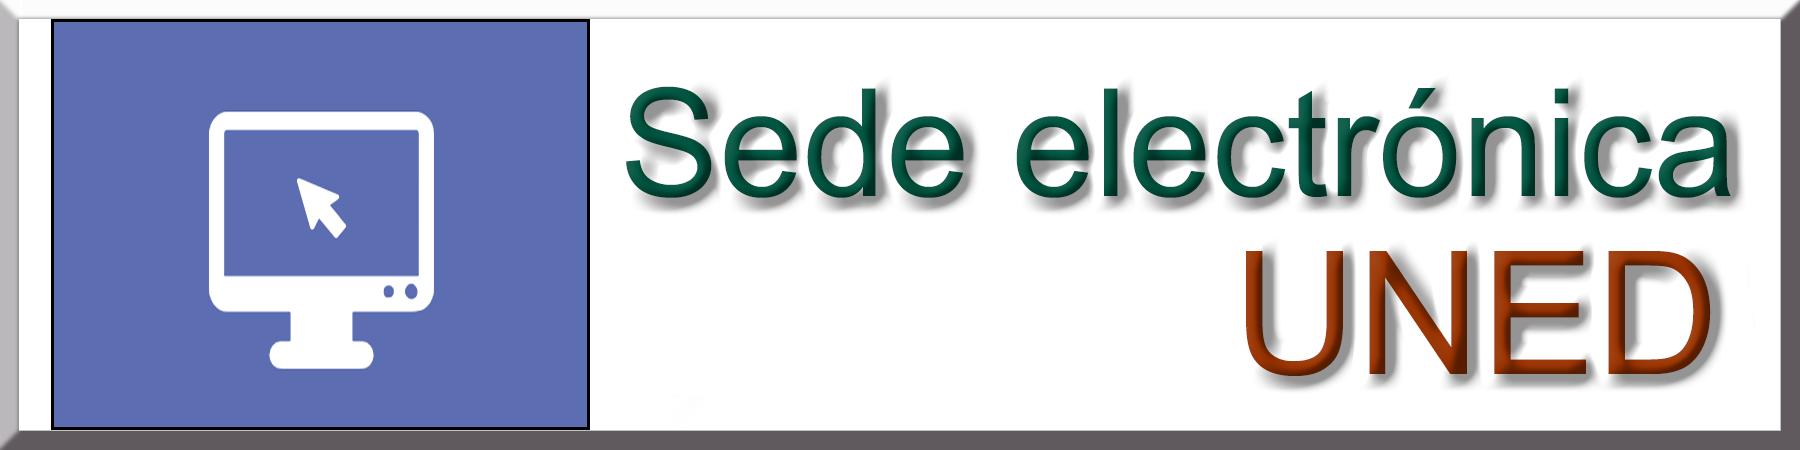 Sede electrónica UNED